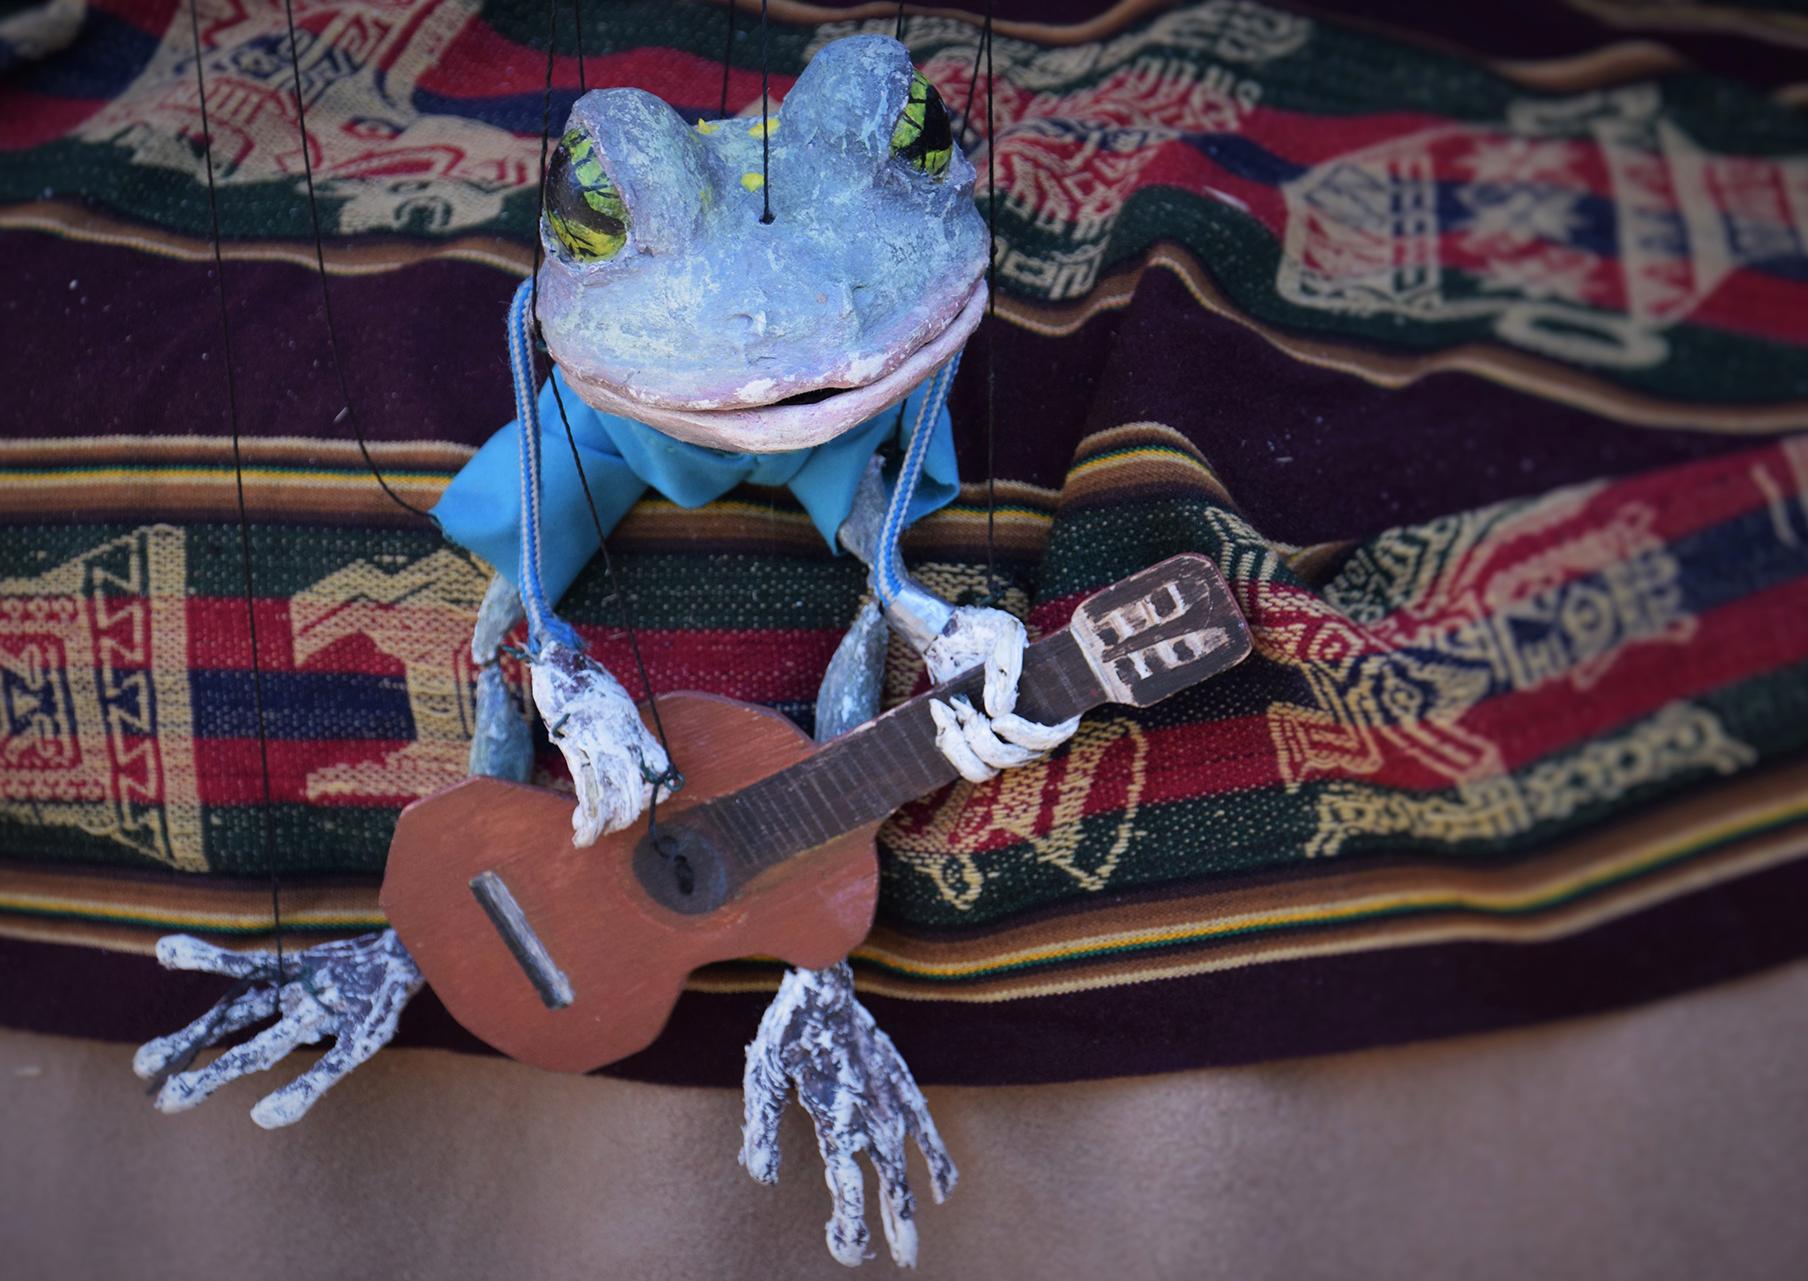 der Frosch, Sänger und Gitarrero